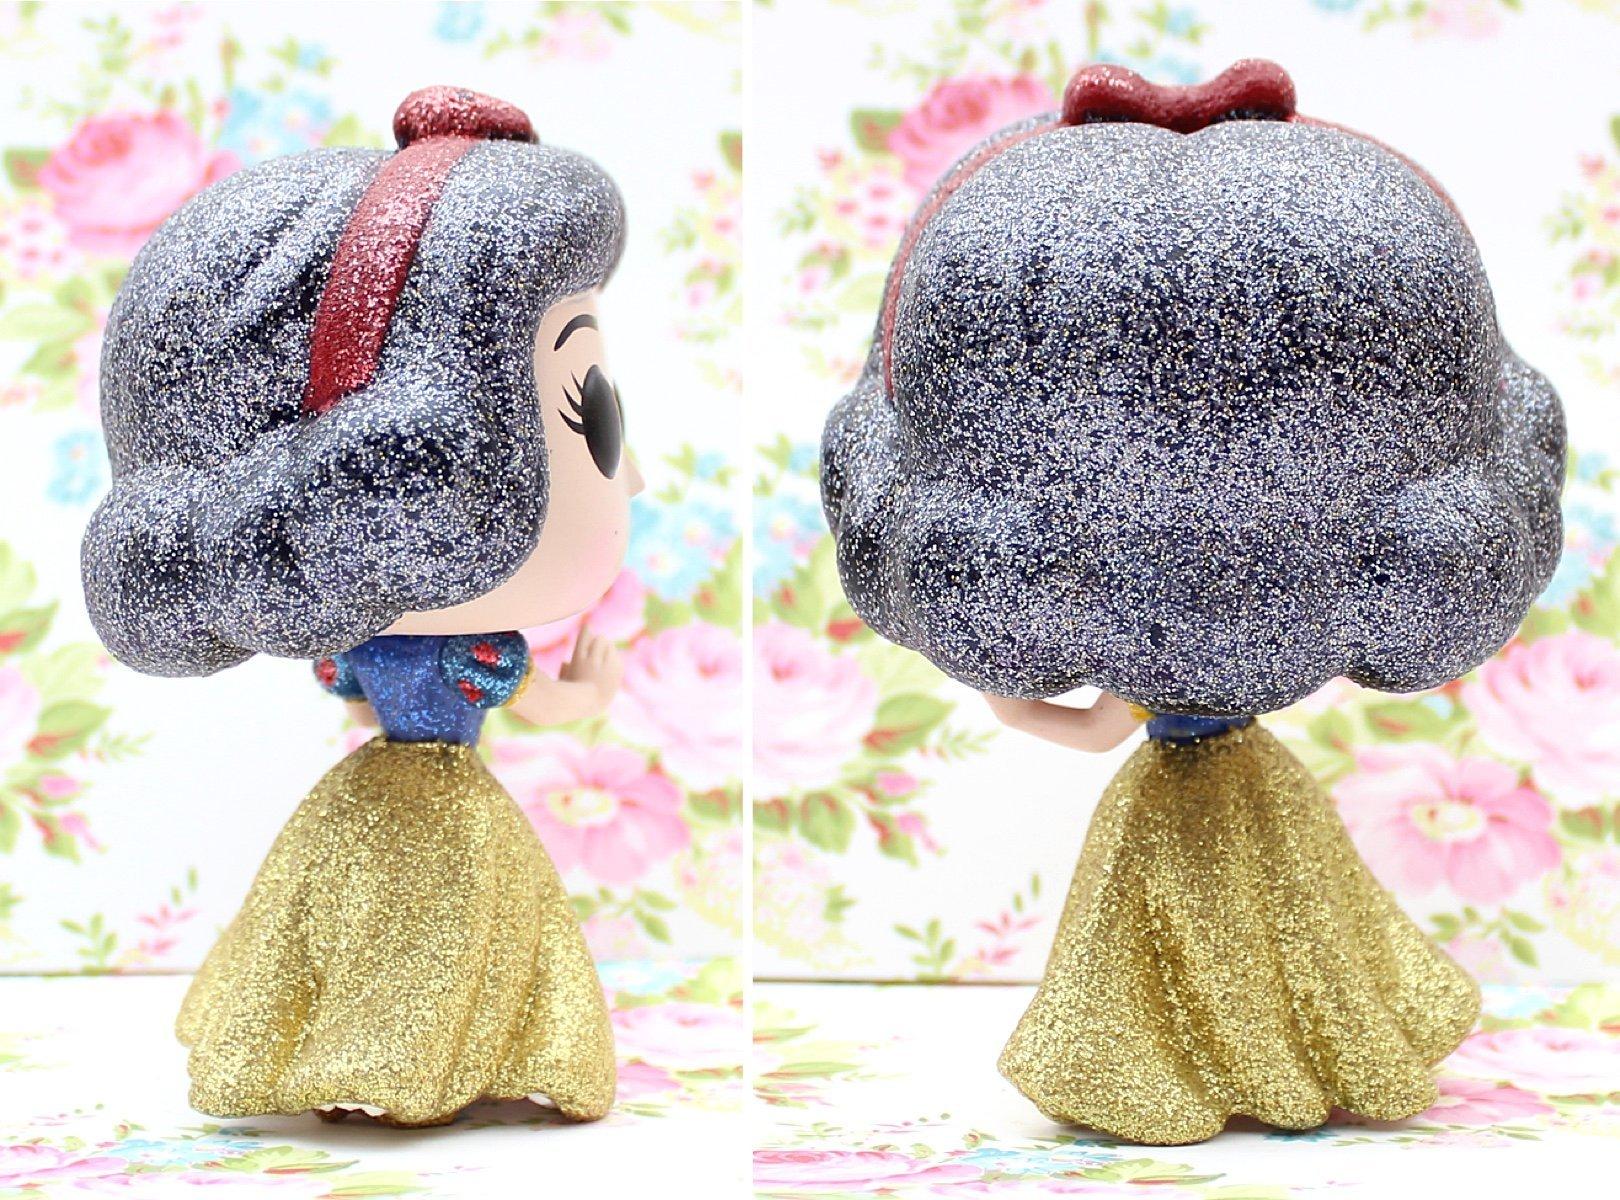 Diamond Collection Funko Pop Snow White